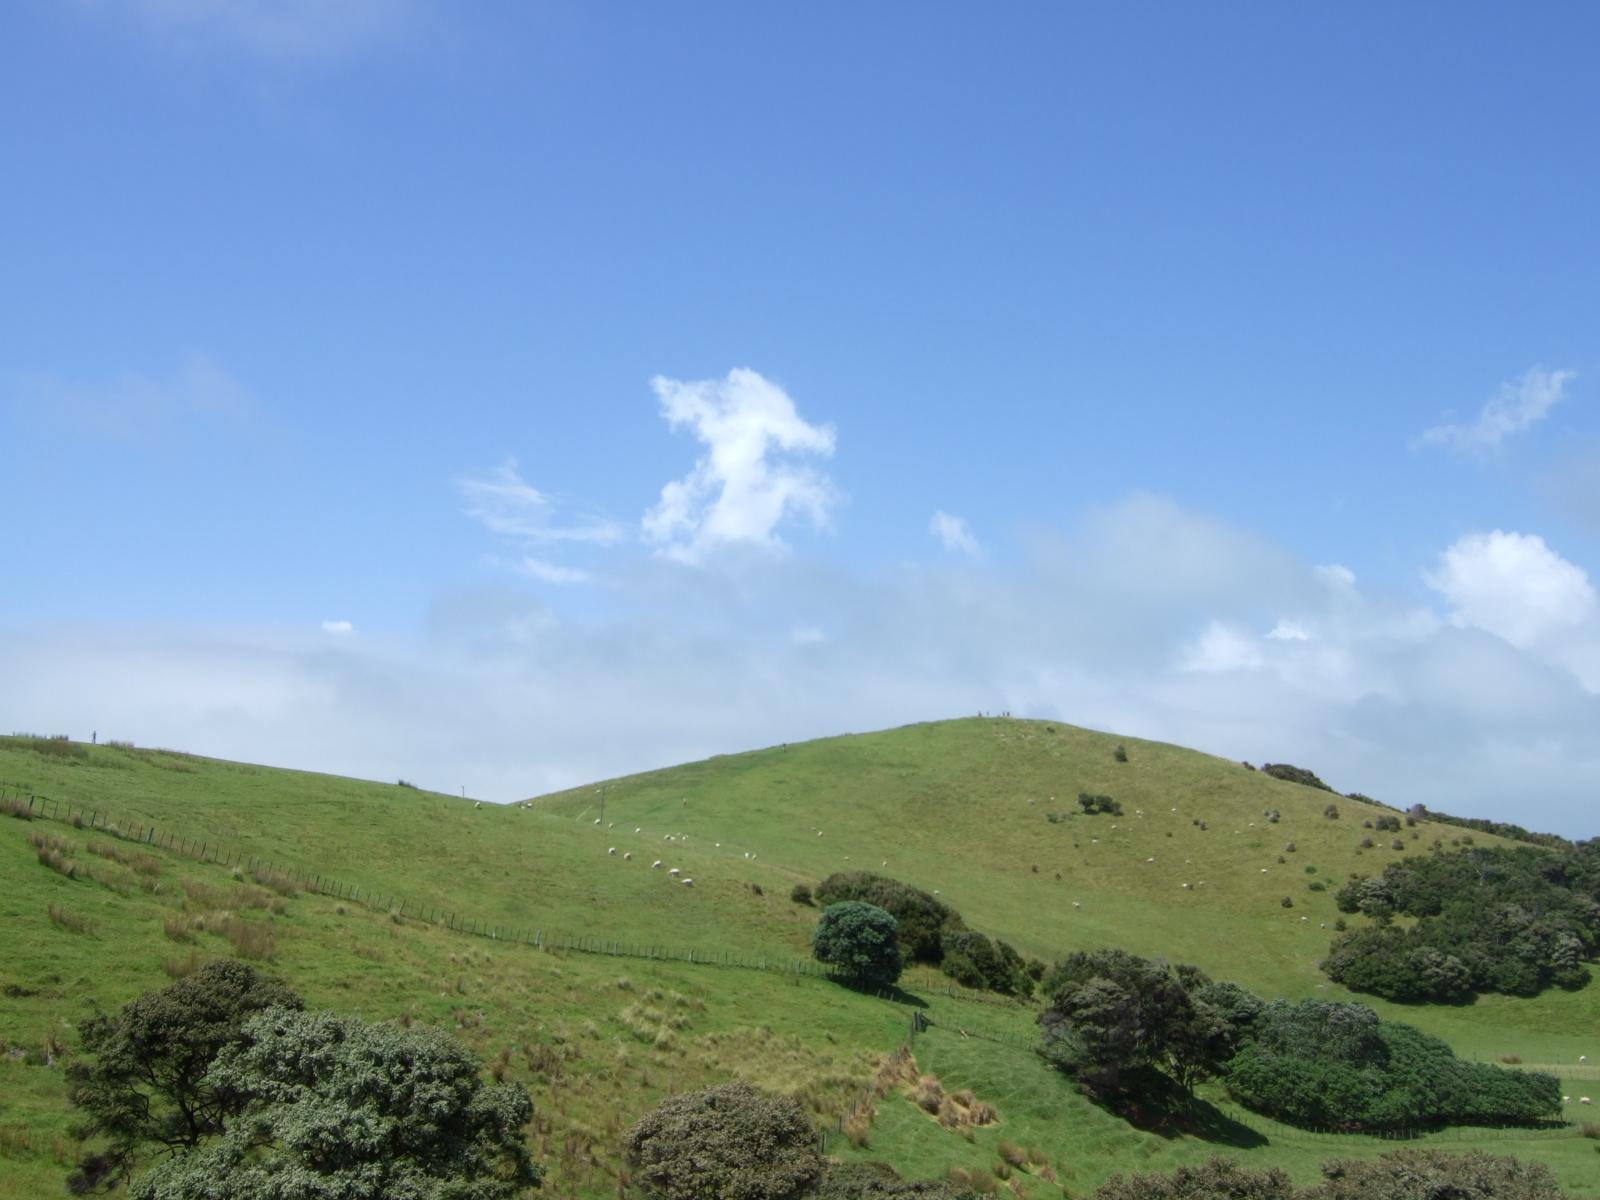 ウルプカプカ島,山,草原,樹木,放牧,NZ〈著作権フリー無料画像〉Free Stock Photos